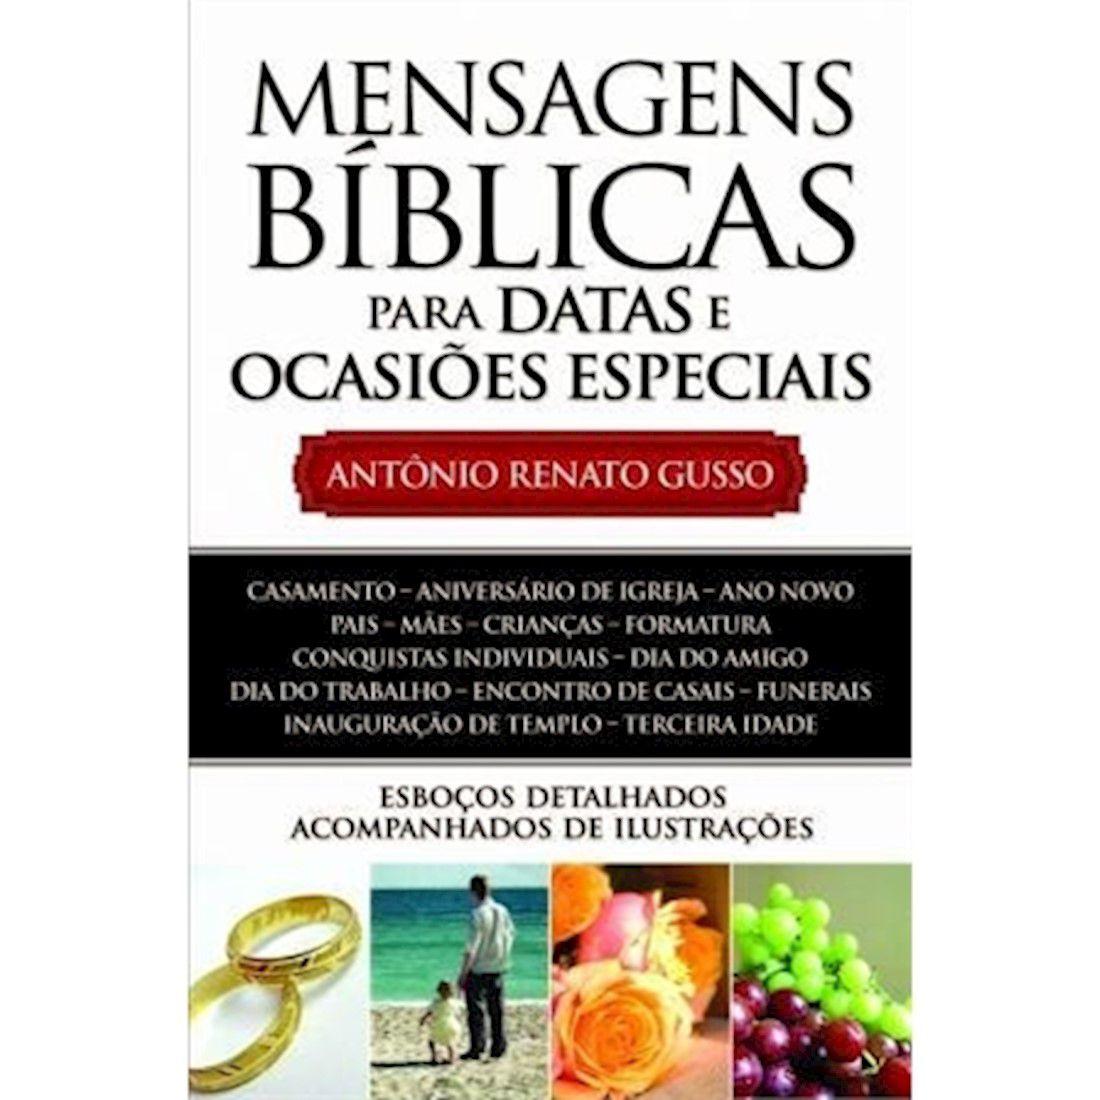 Livro Mensagens Bíblicas Para Datas Especiais